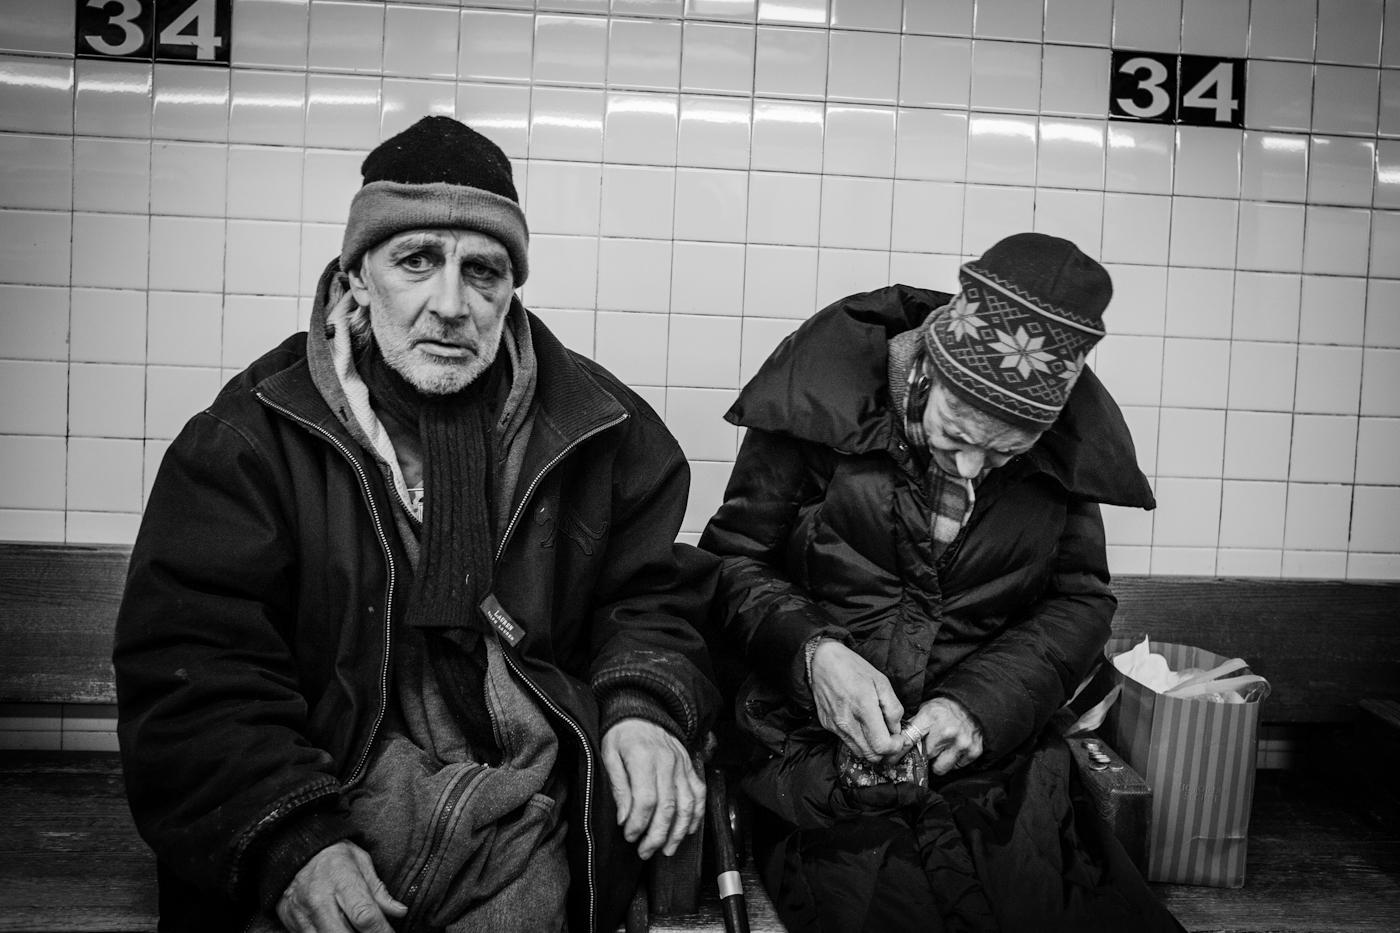 Subways-39.jpg